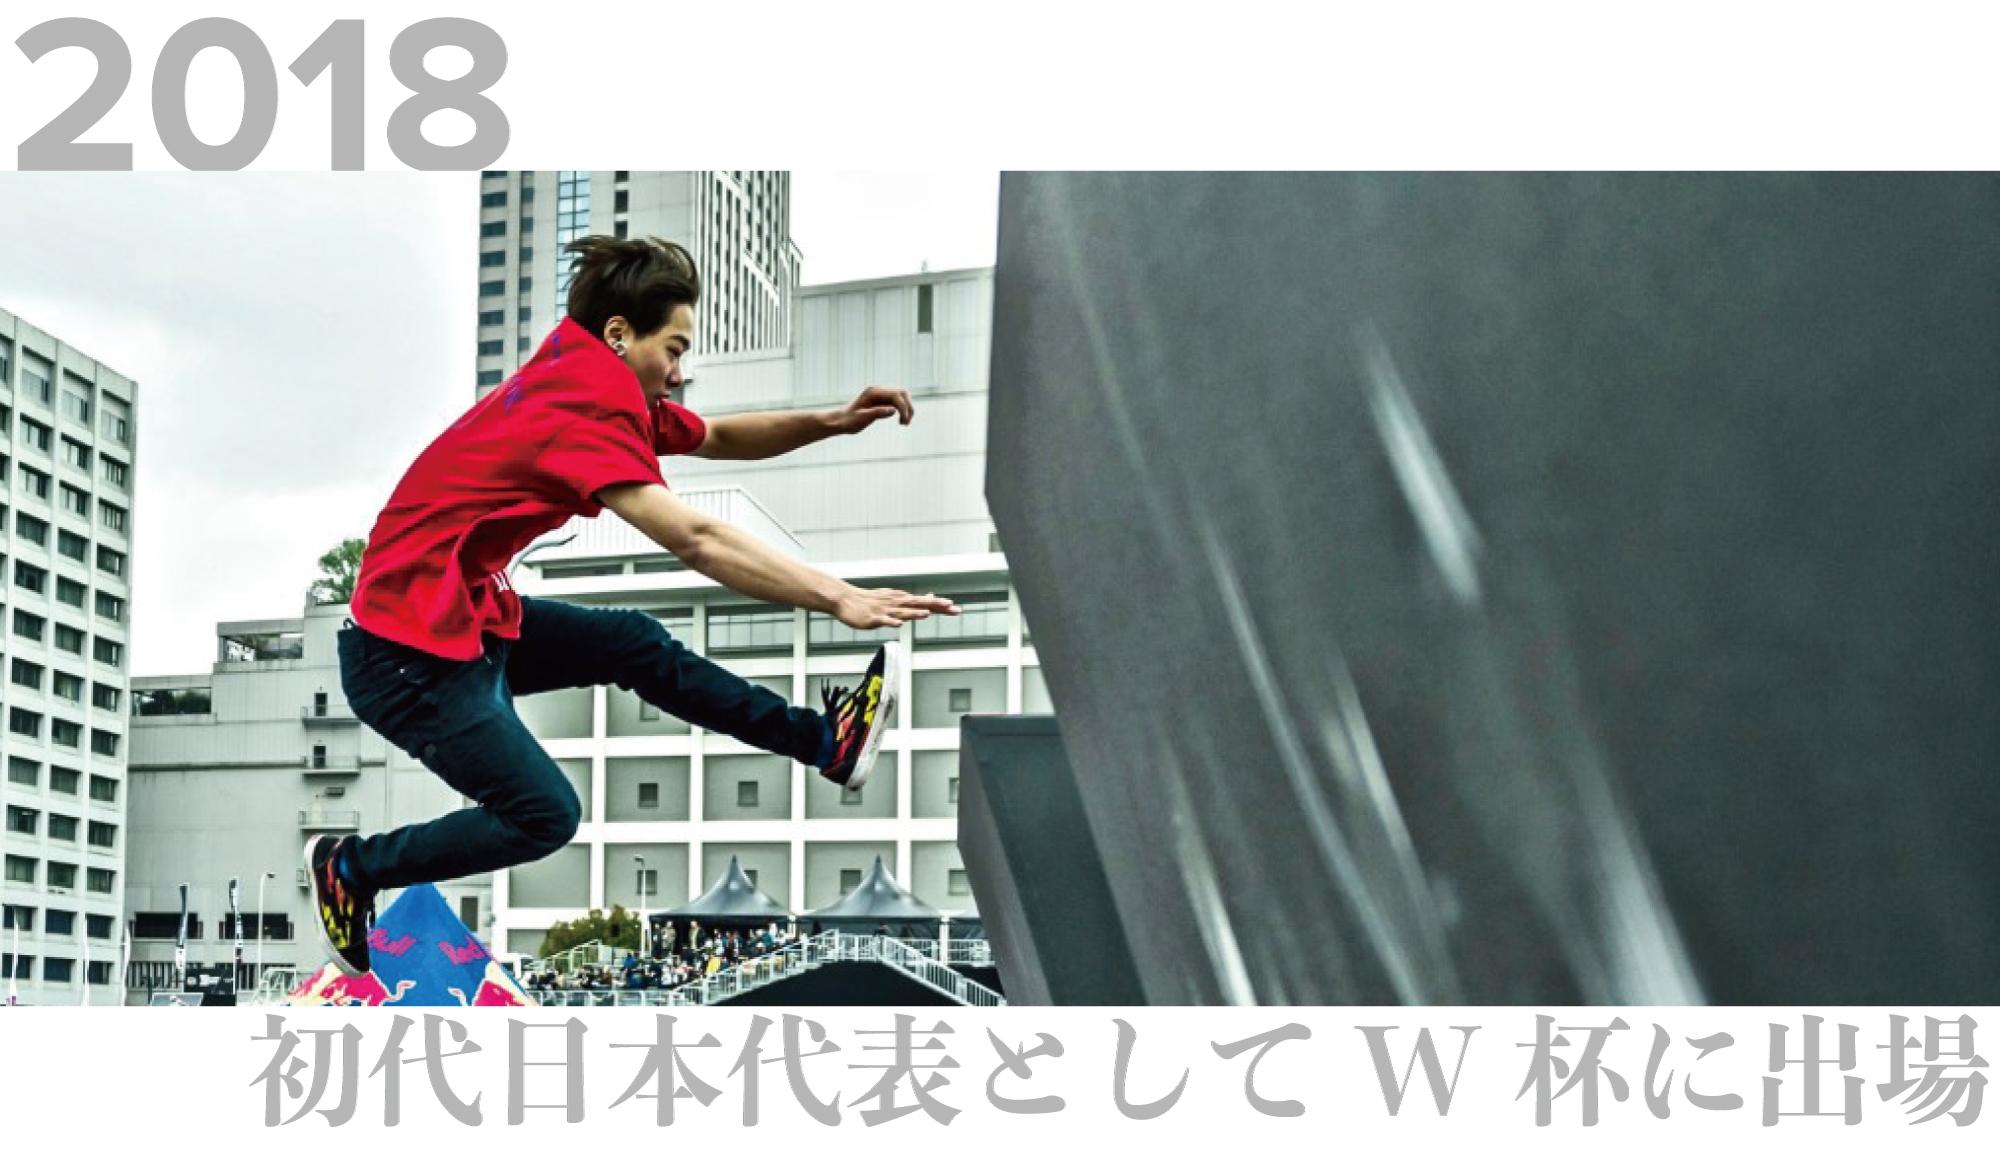 初代日本代表としてW杯に出場_島田善.jpg